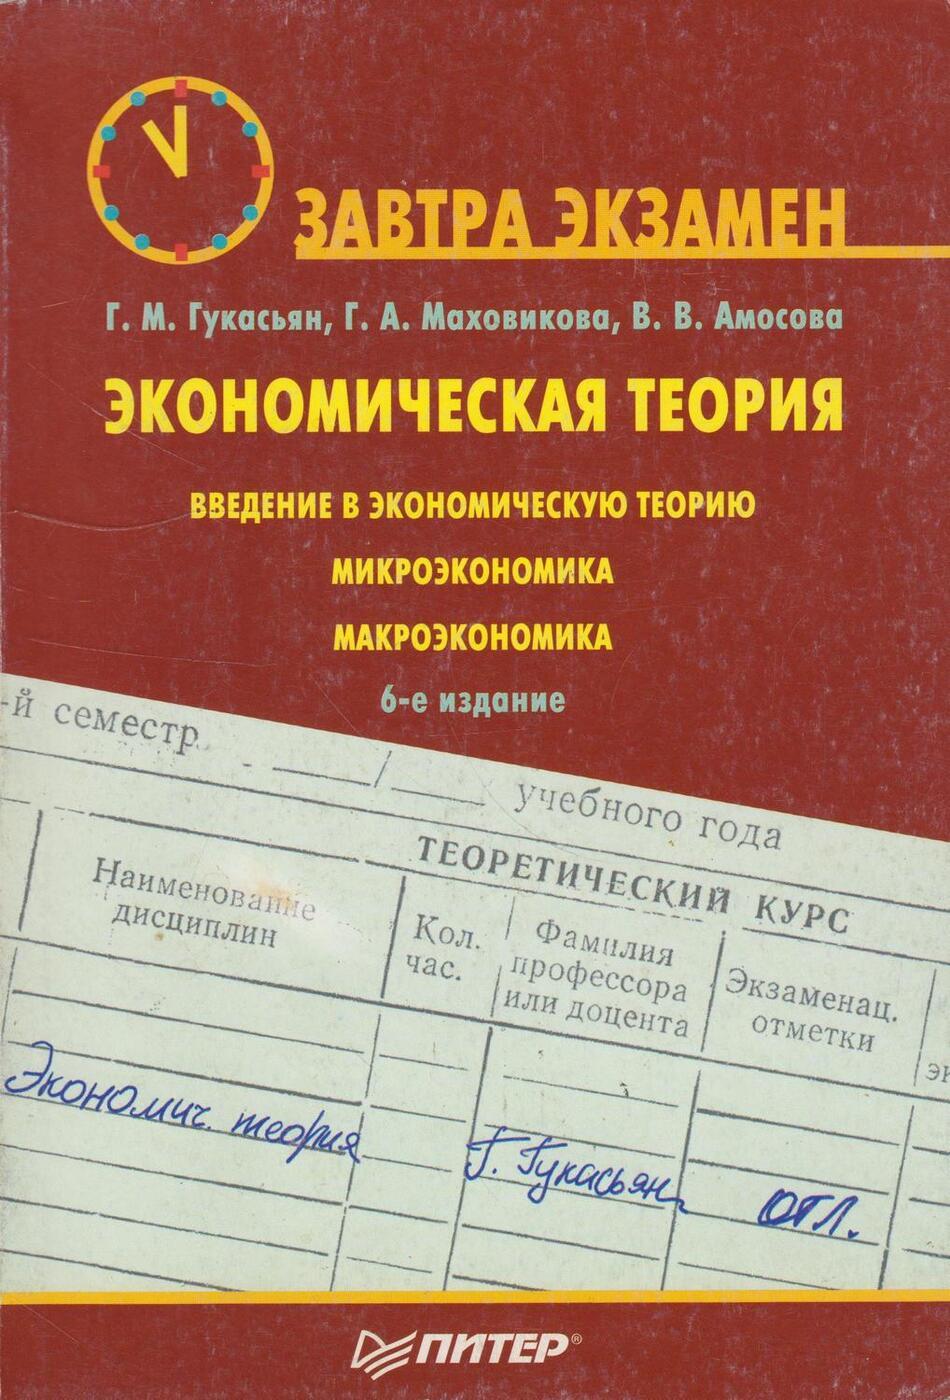 Гукасьян Галина Мнацакановна. Экономическая теория